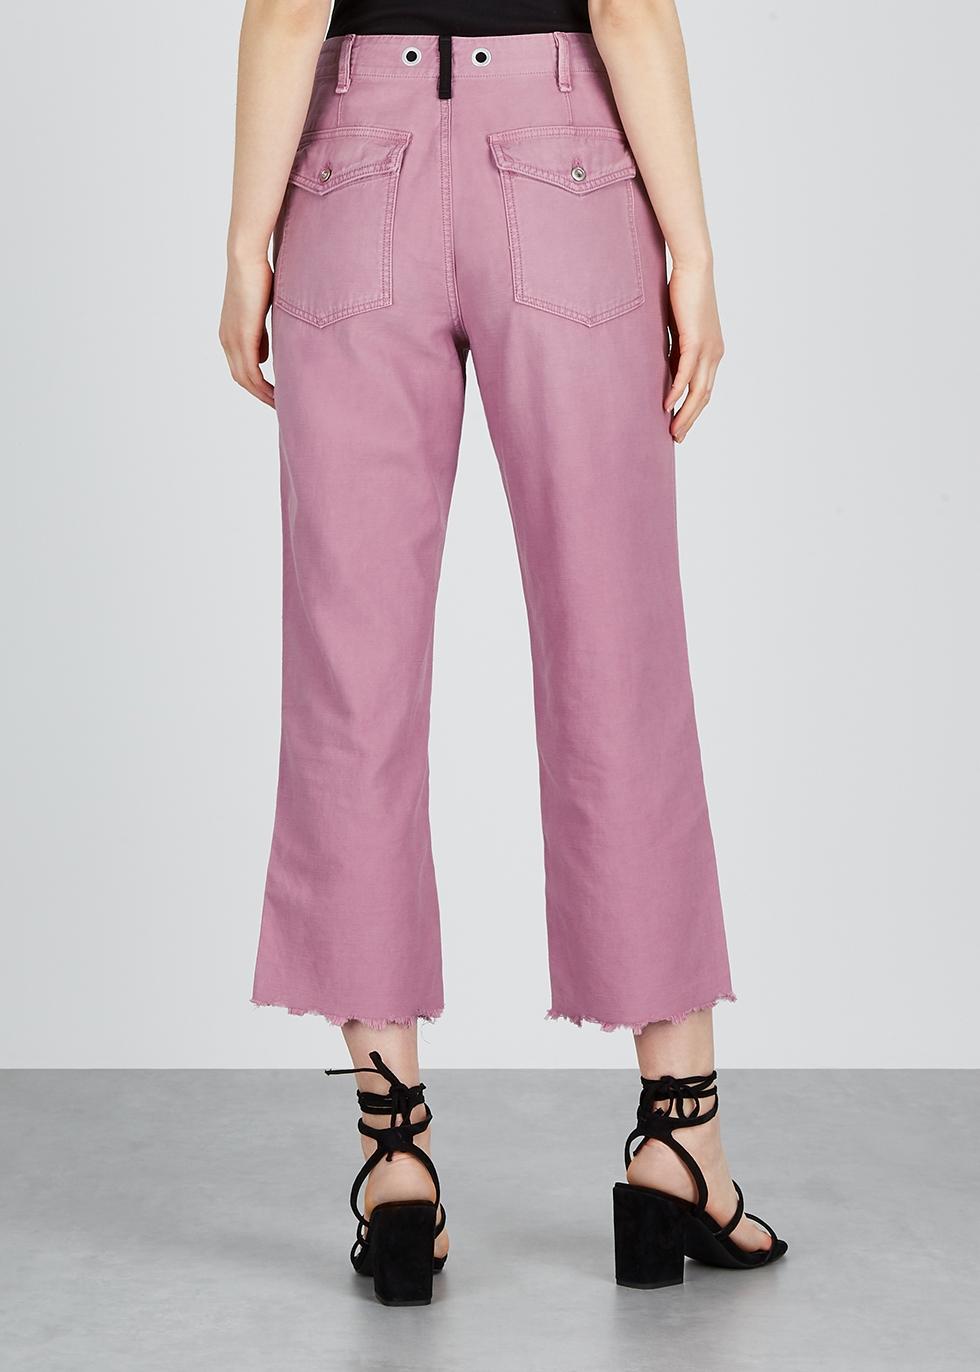 Kaye pink cotton chinos - rag & bone /JEAN